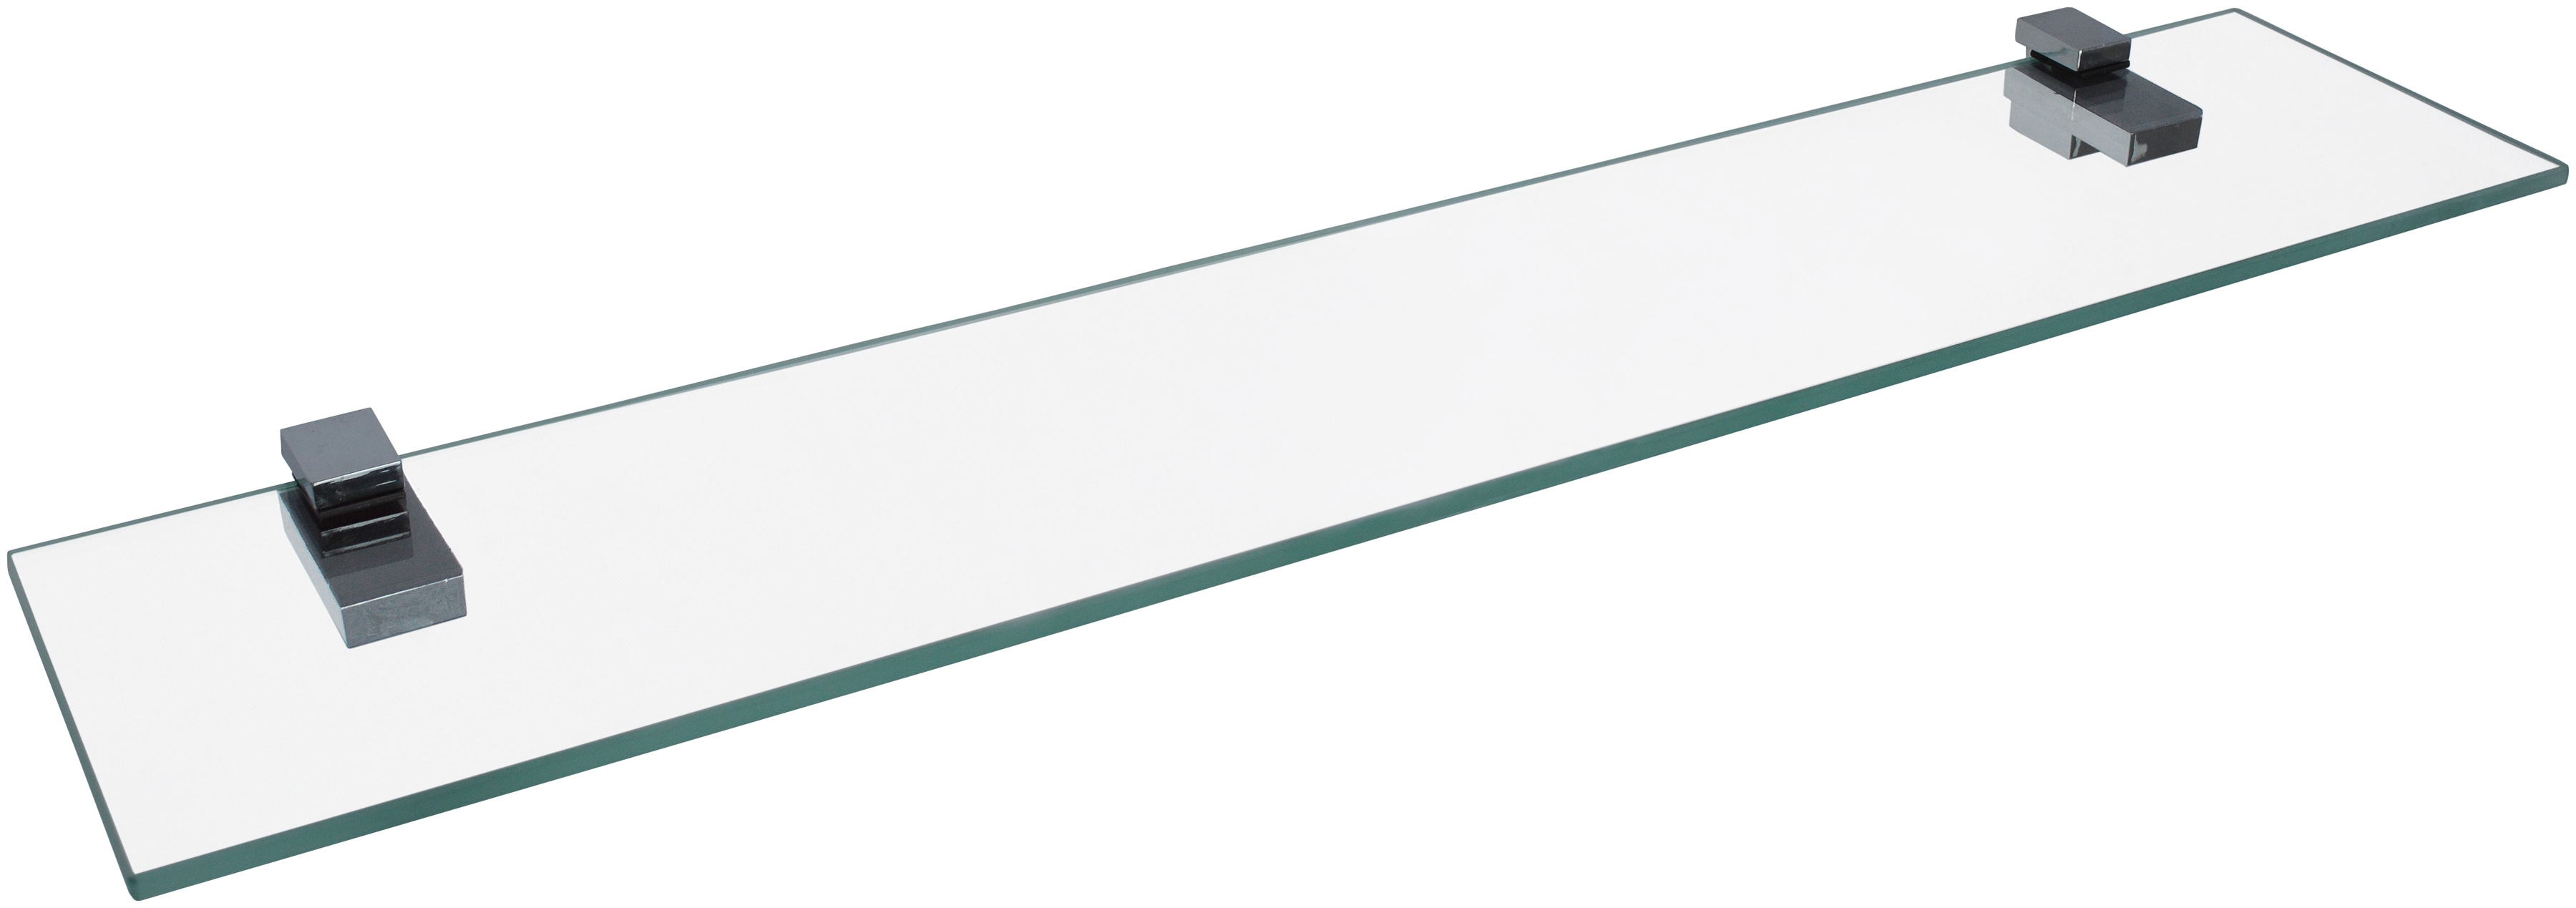 Image of Fackelmann Ablage »aus Glas«, Breite 60 cm